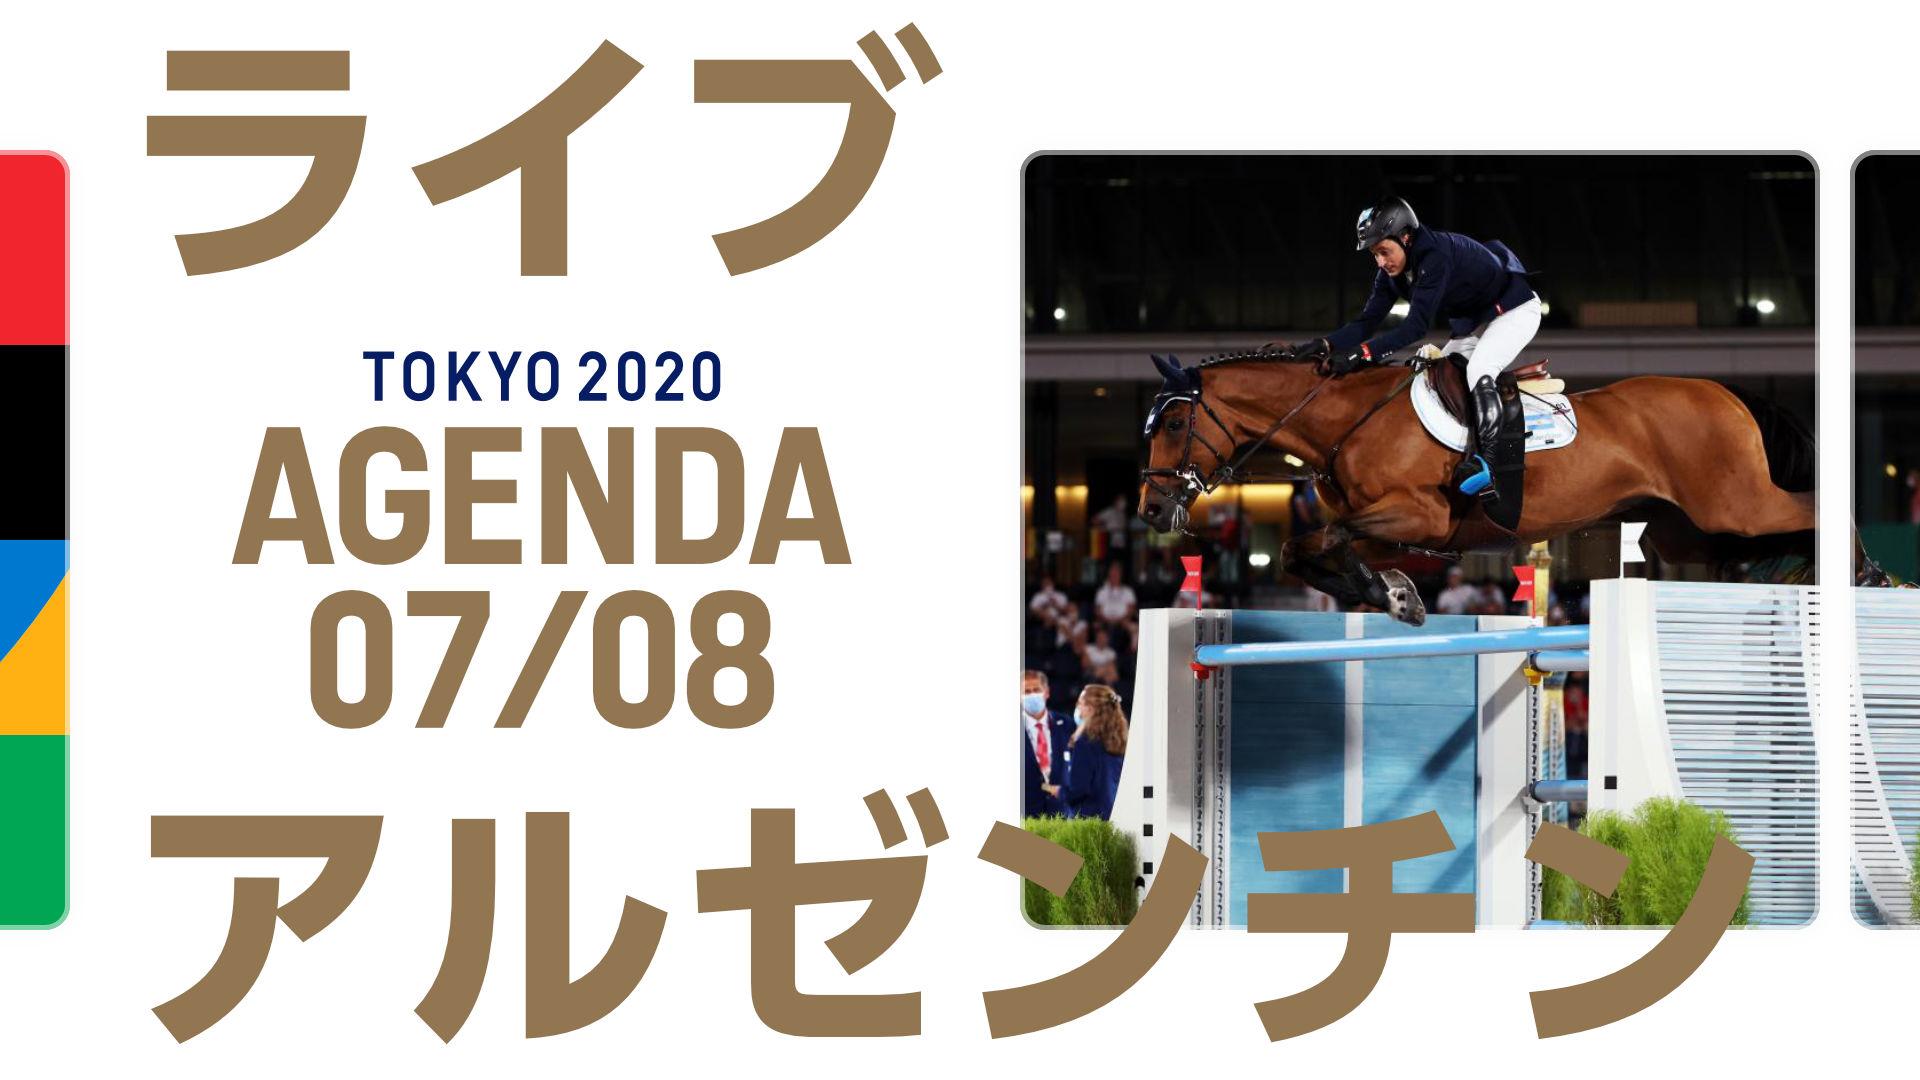 Agenda Argentina en Tokyo 2020: Quiénes compiten el 7 de agosto